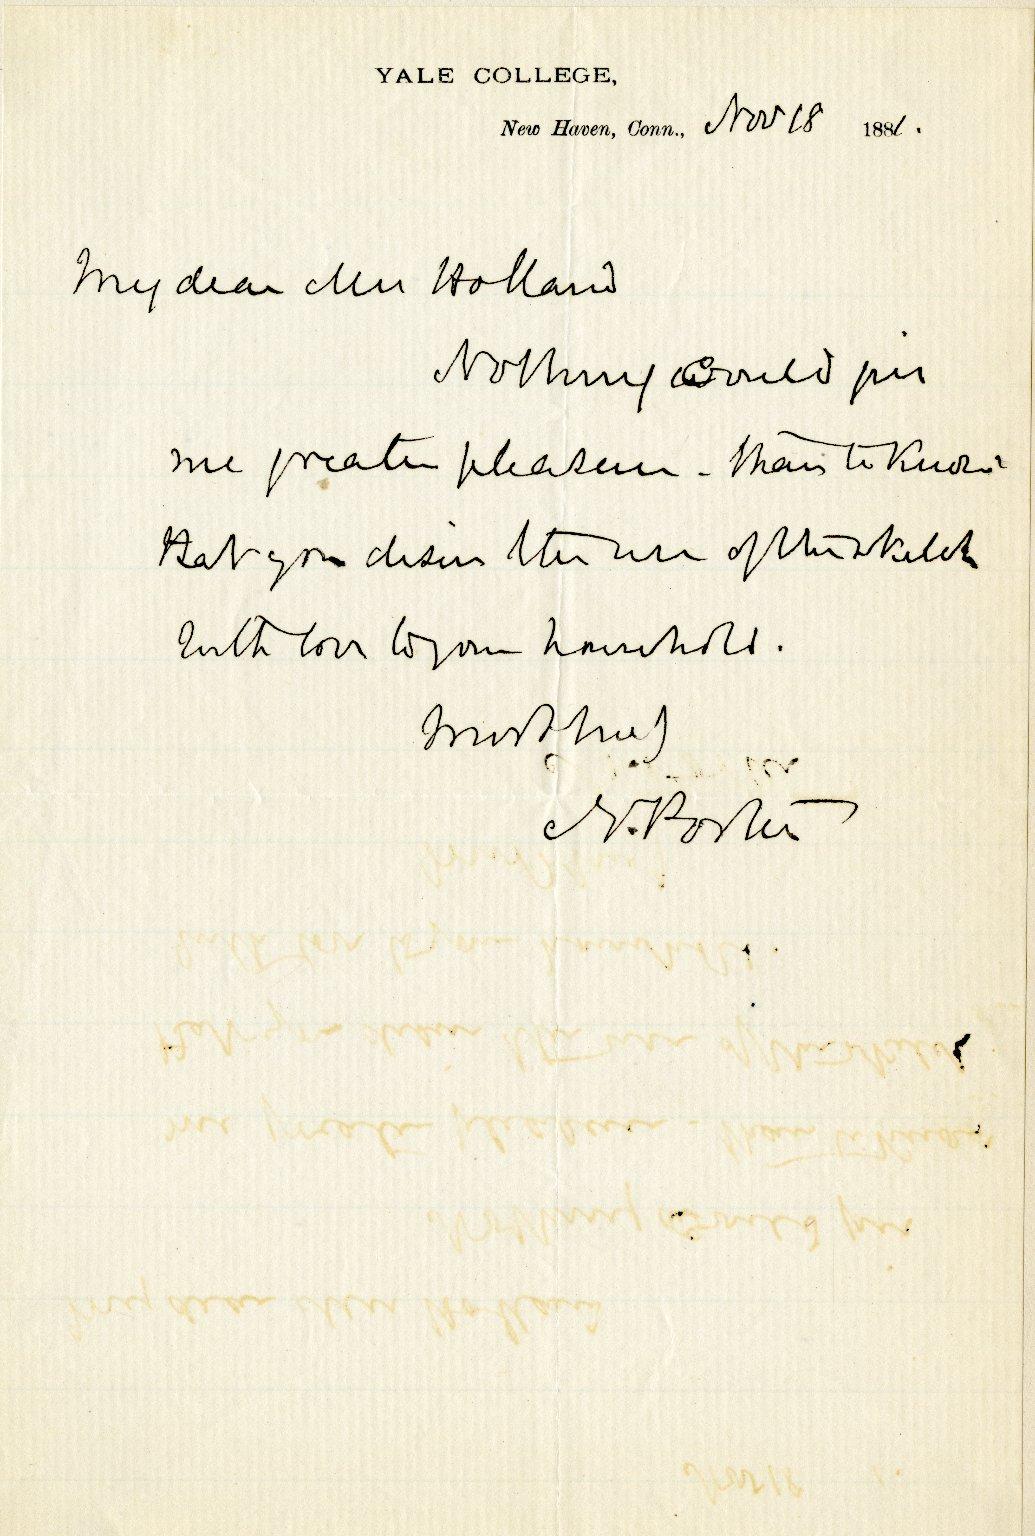 Porter, Noah. ALS, 1 page, November 18, 1880.